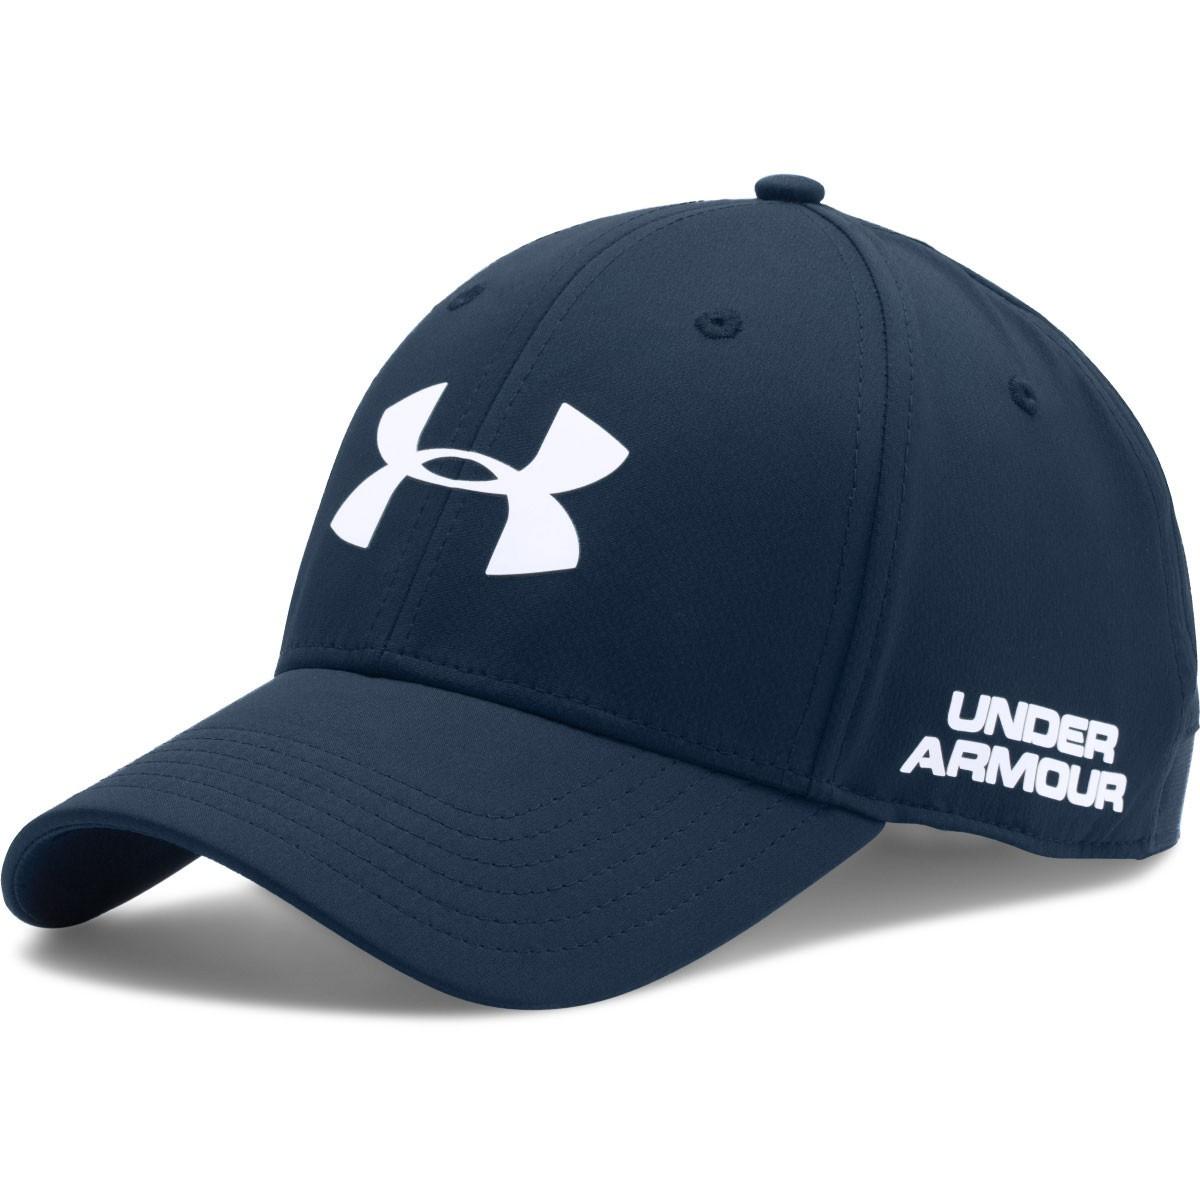 competitive price 7c6e9 01e67 Under Armour 2017 Mens UA Golf Headline Cap